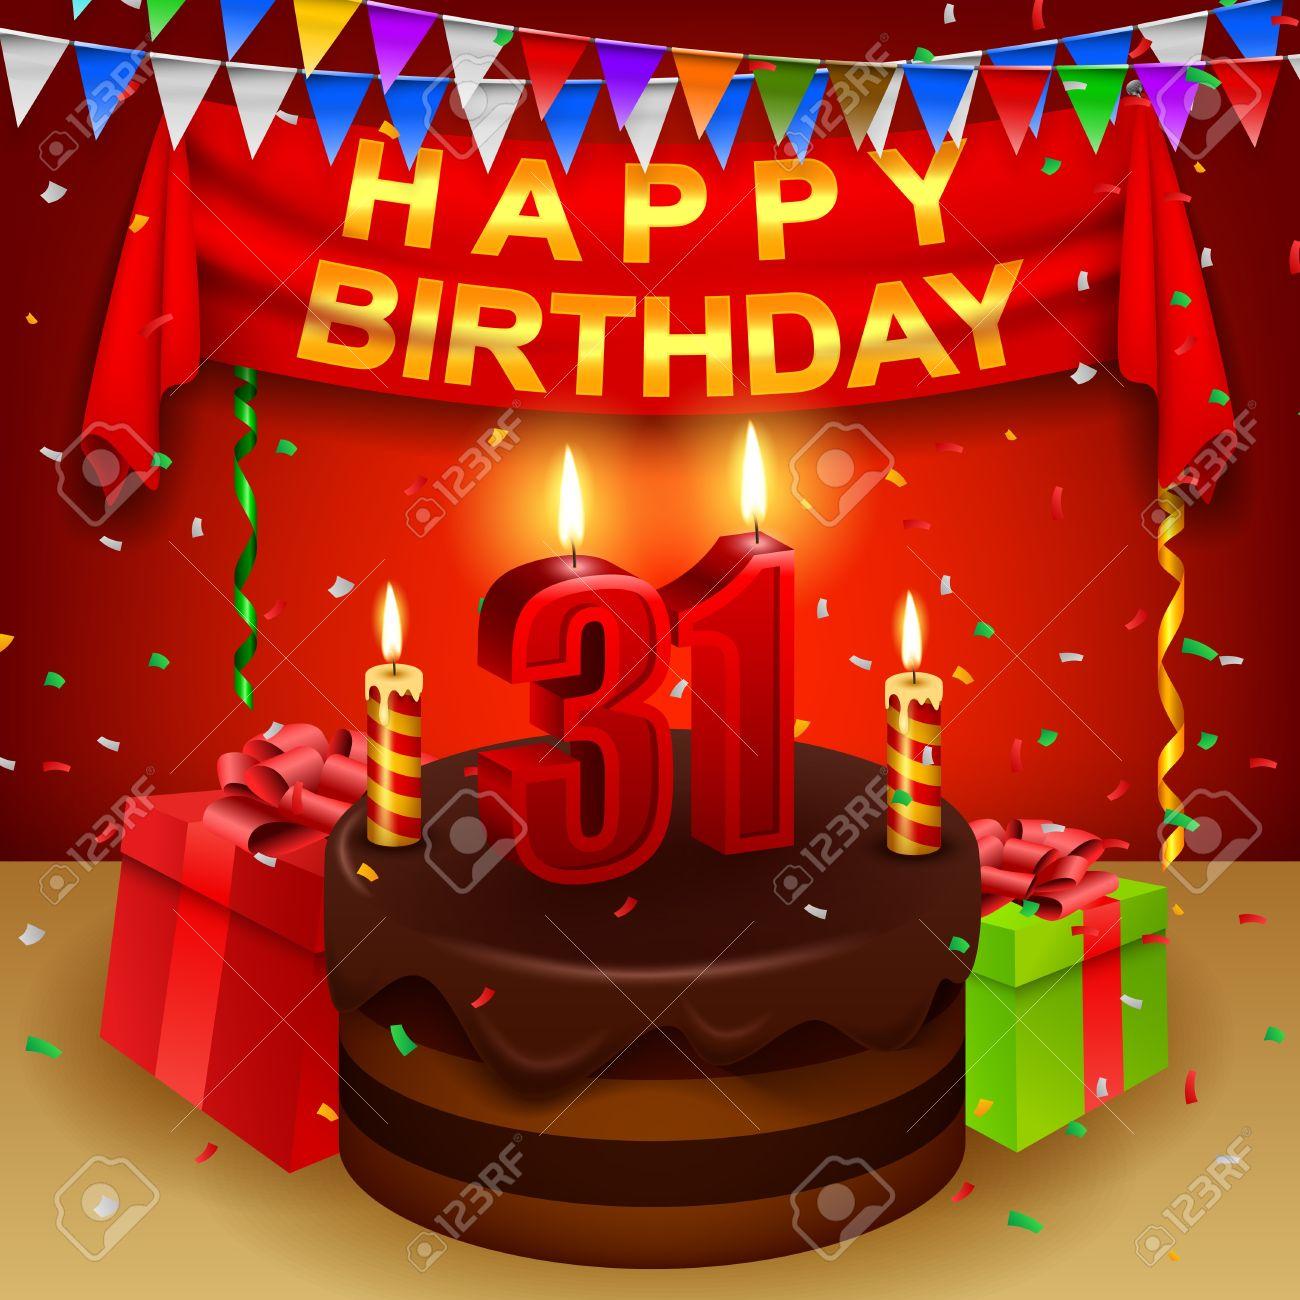 Lustige Geburtstagsspruche Witzige Geburtstagsspruche